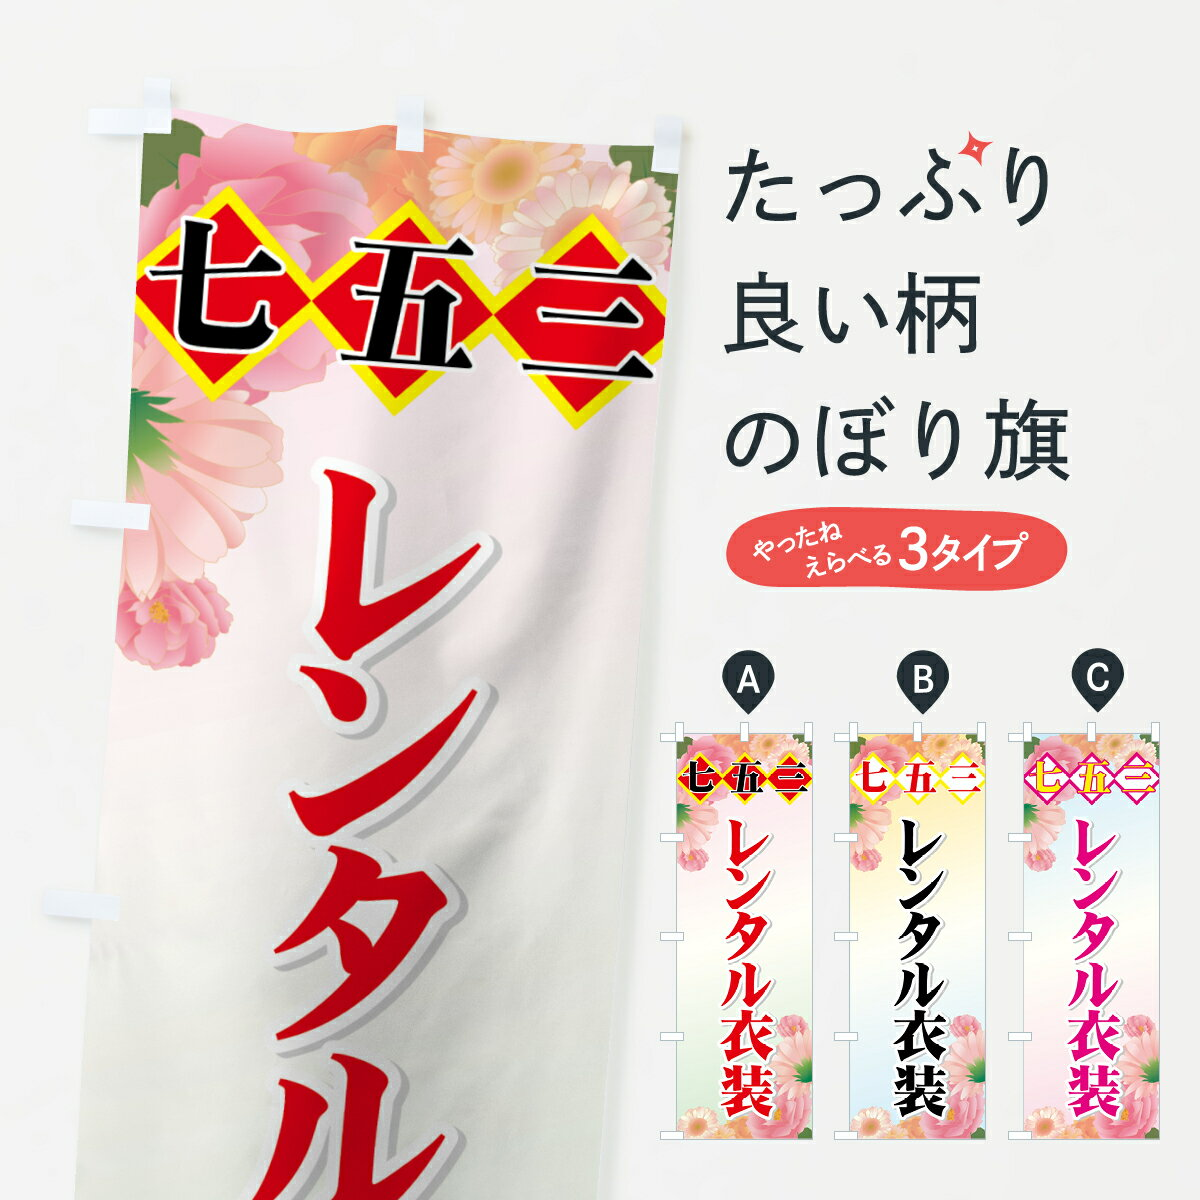 【3980送料無料】 のぼり旗 七五三のぼり レンタル衣裳 秋